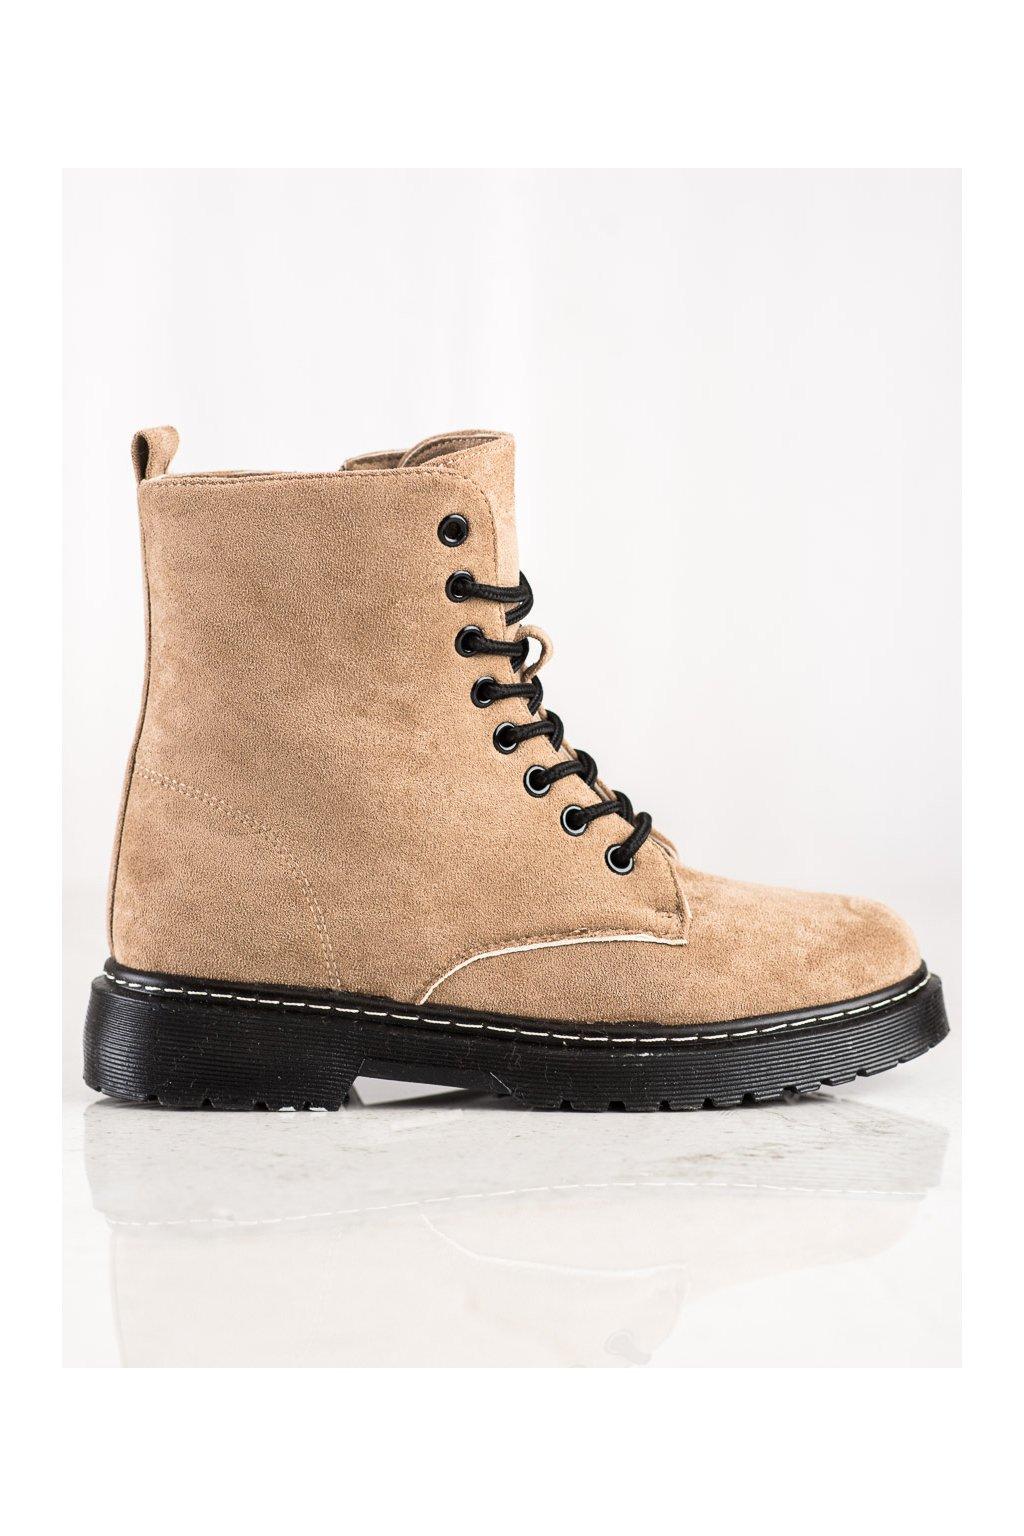 Členkové dámske topánky khaki Shelovet NJSK LT217KH